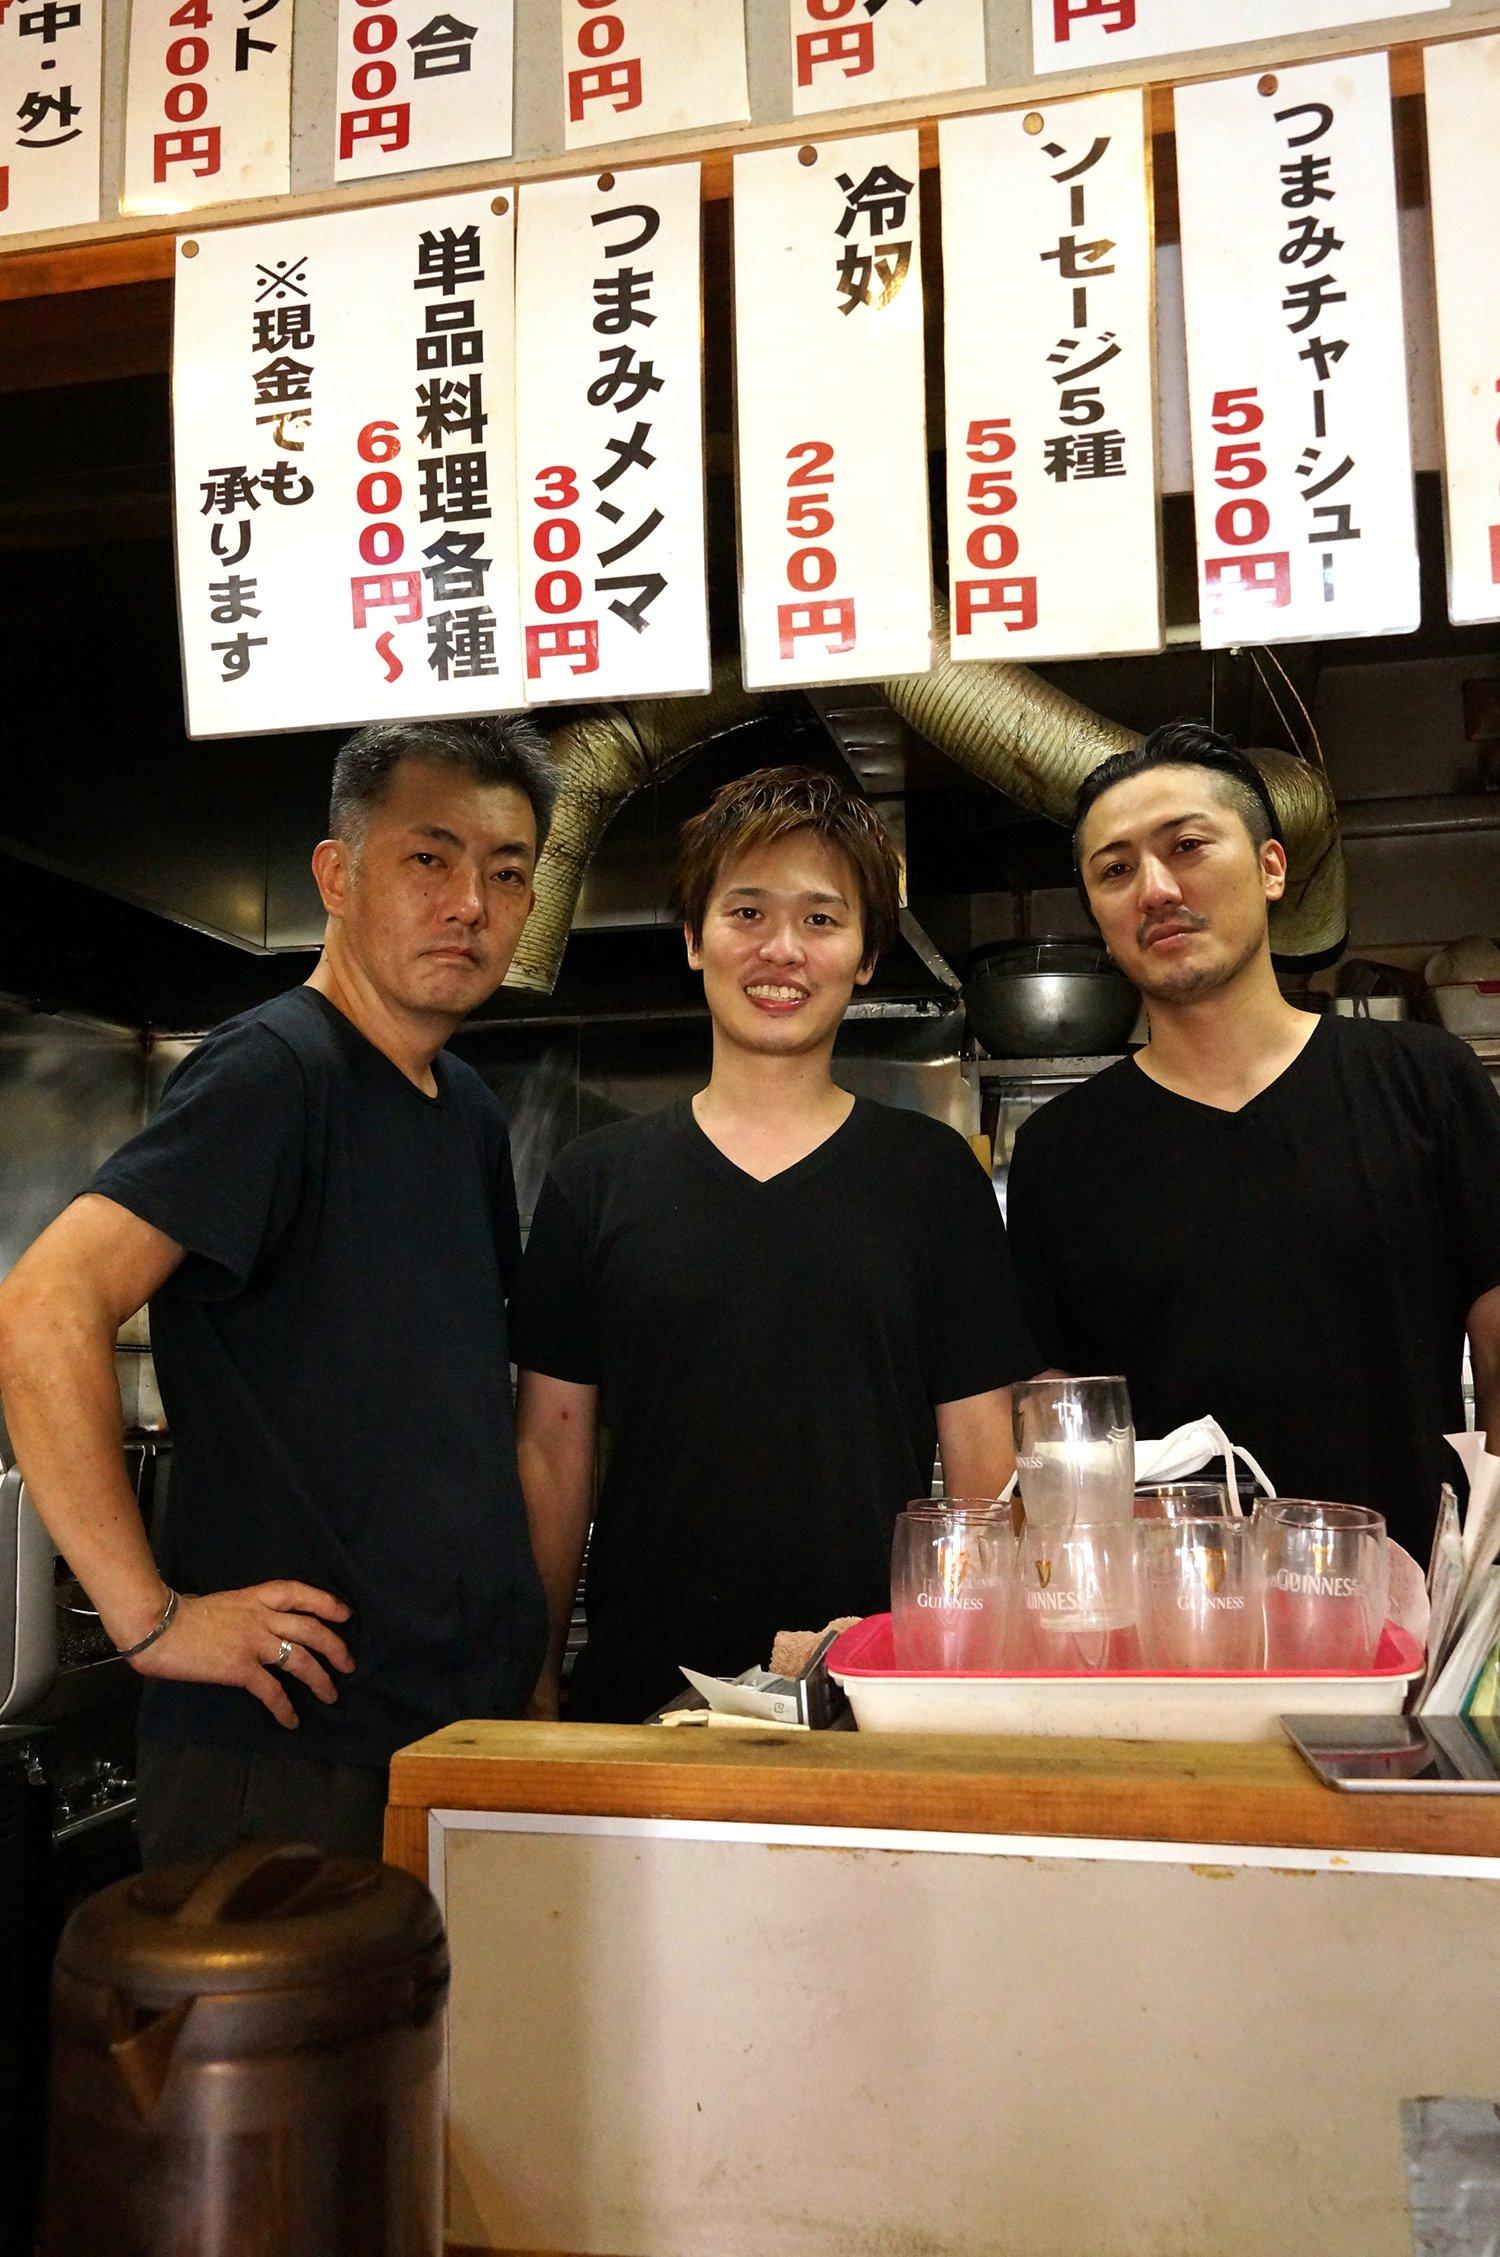 真ん中が店主の幸田さん、左がスタッフの河西さん、右が竹村さん。